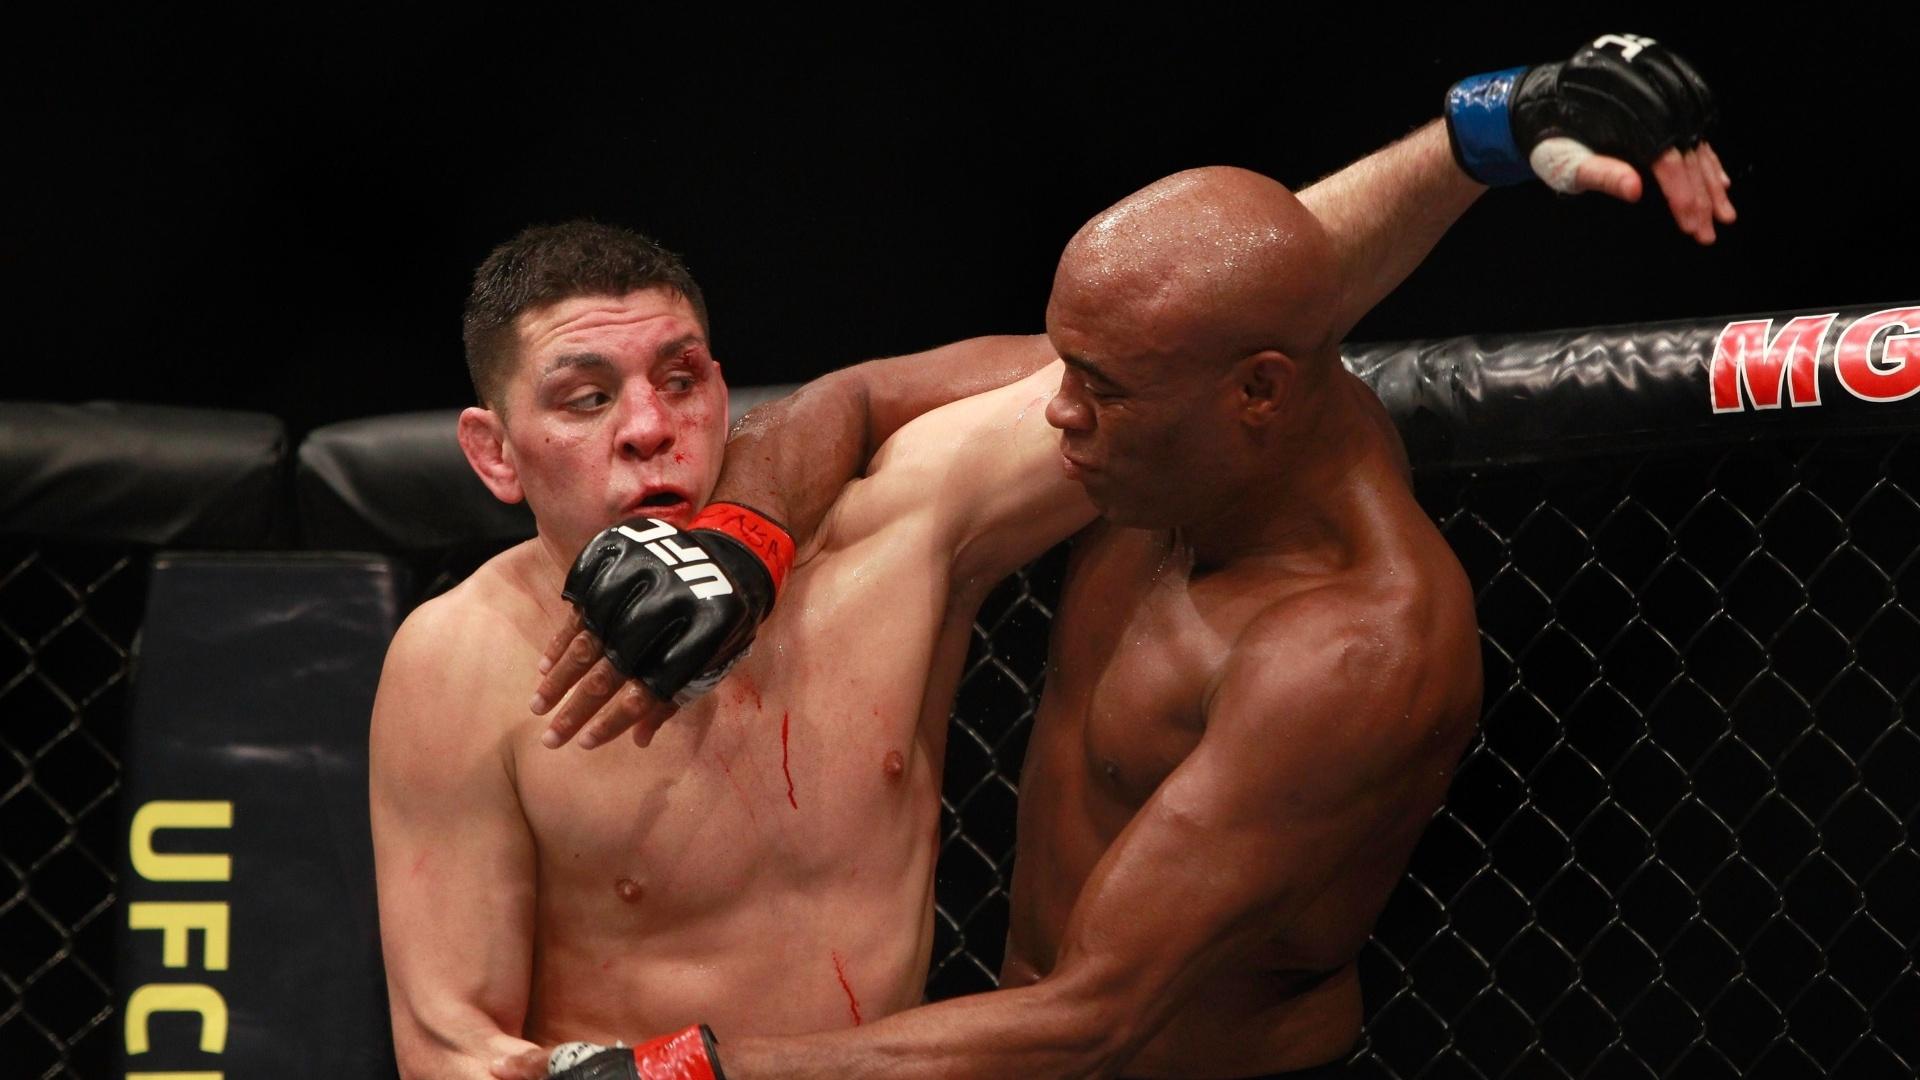 Com o rosto machucado, Nick Diaz tenta se livrar da investida de Anderson Silva durante a luta principal do UFC 183 em Las Vegas (EUA)